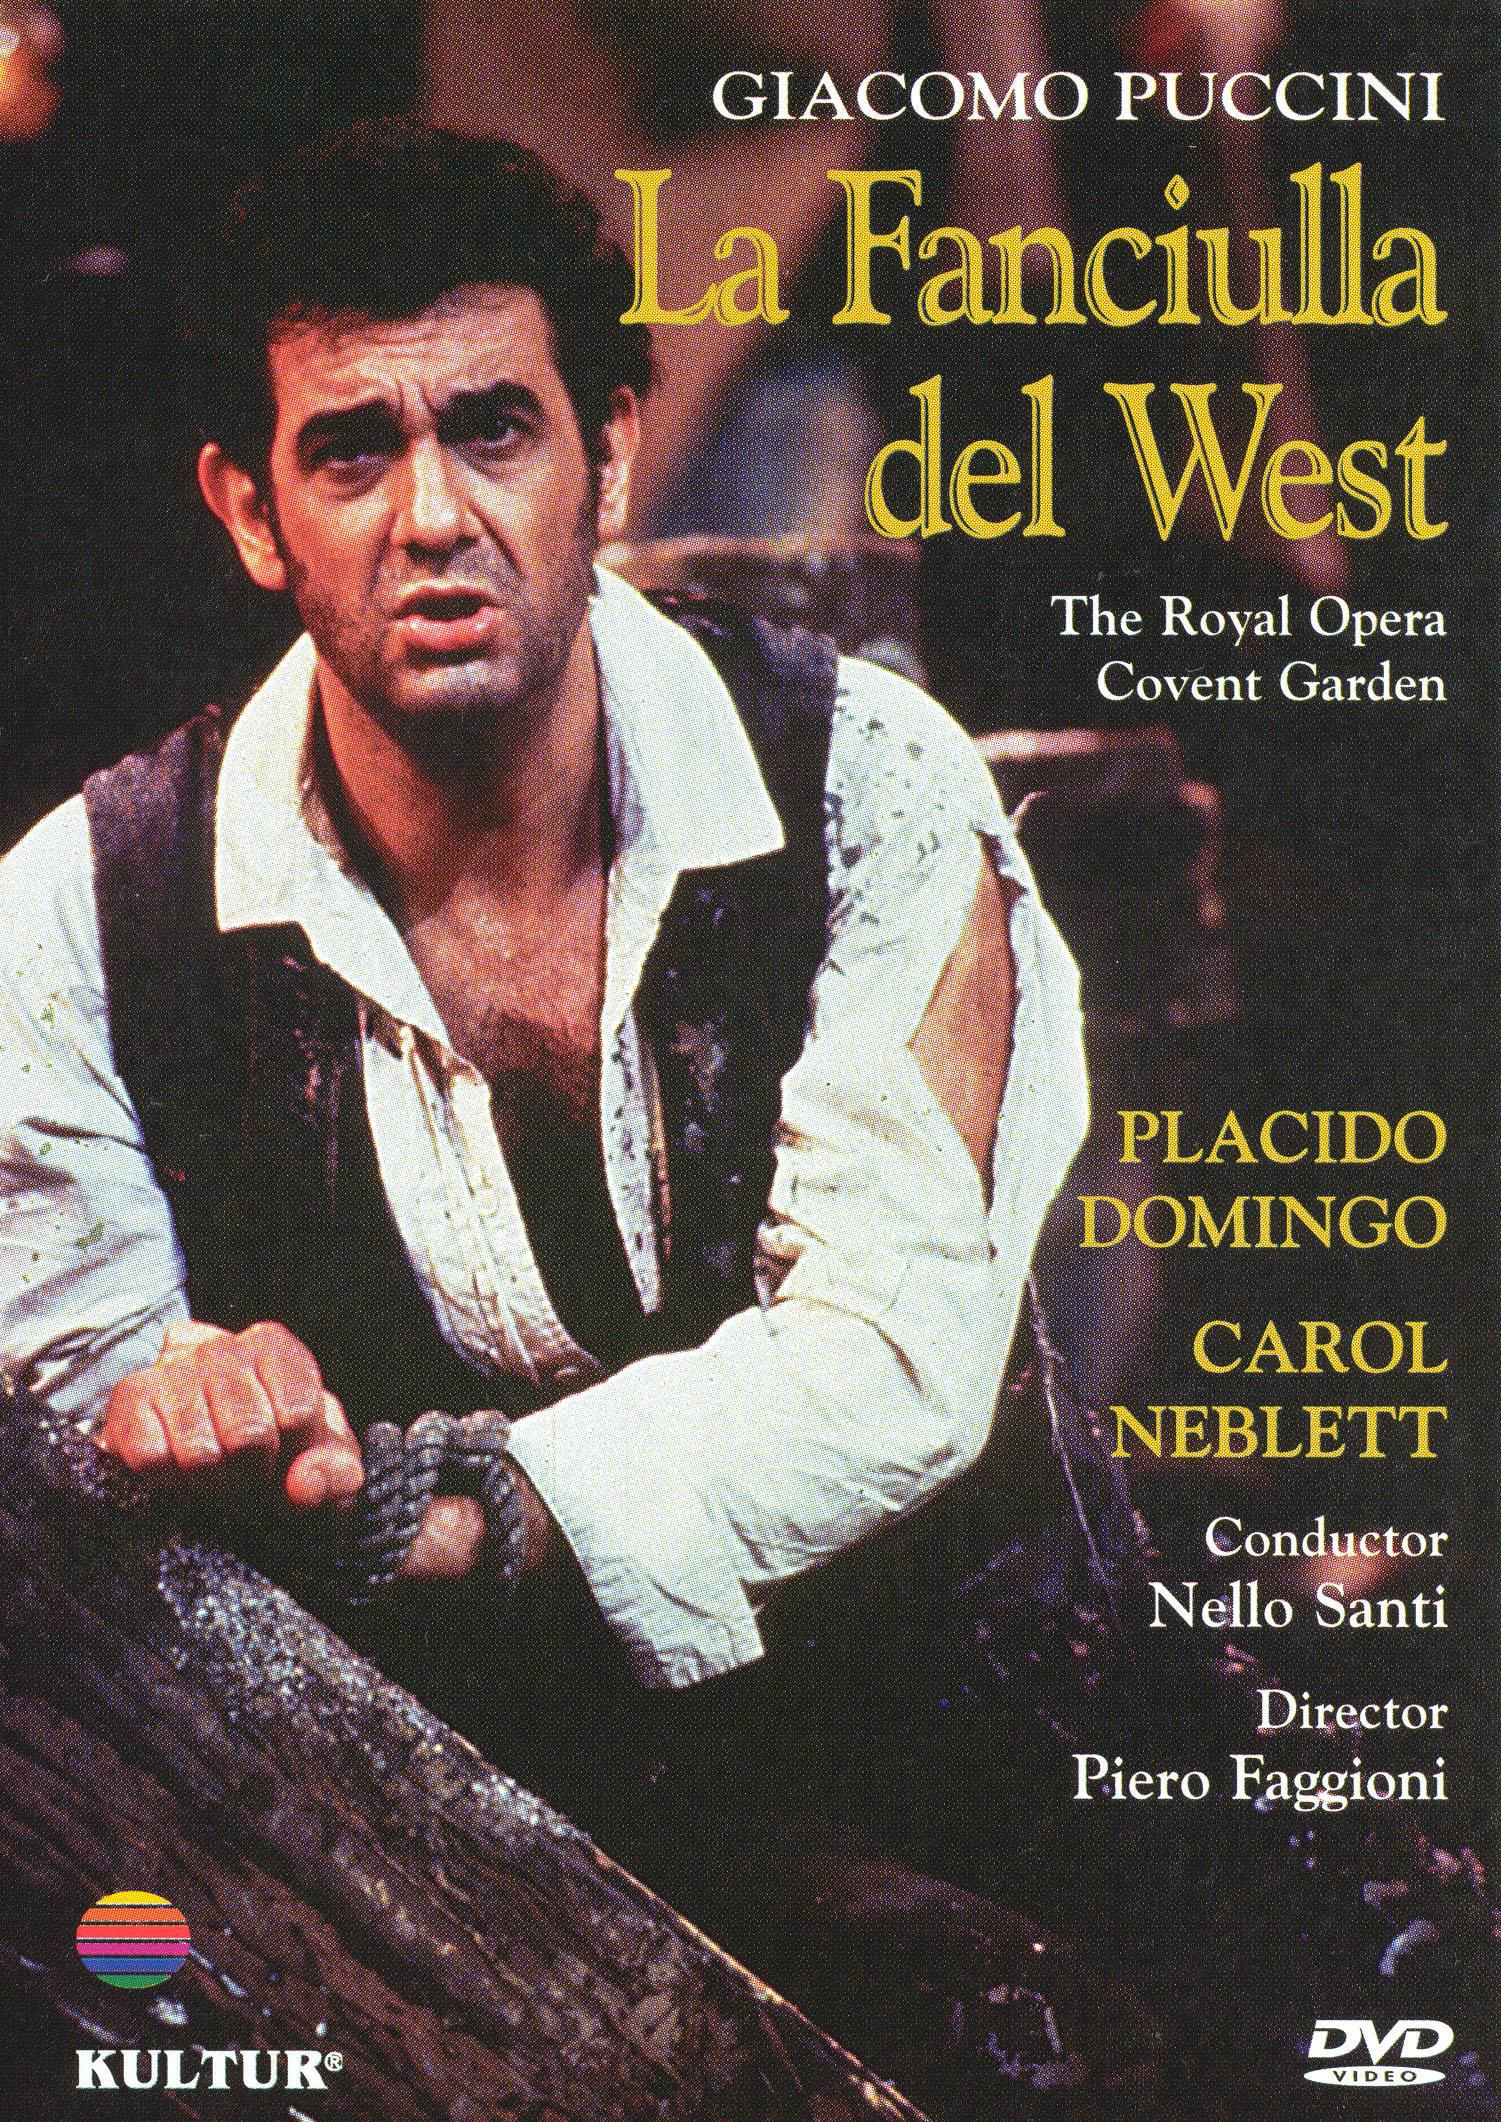 La Fanciulla del West (The Royal Opera)